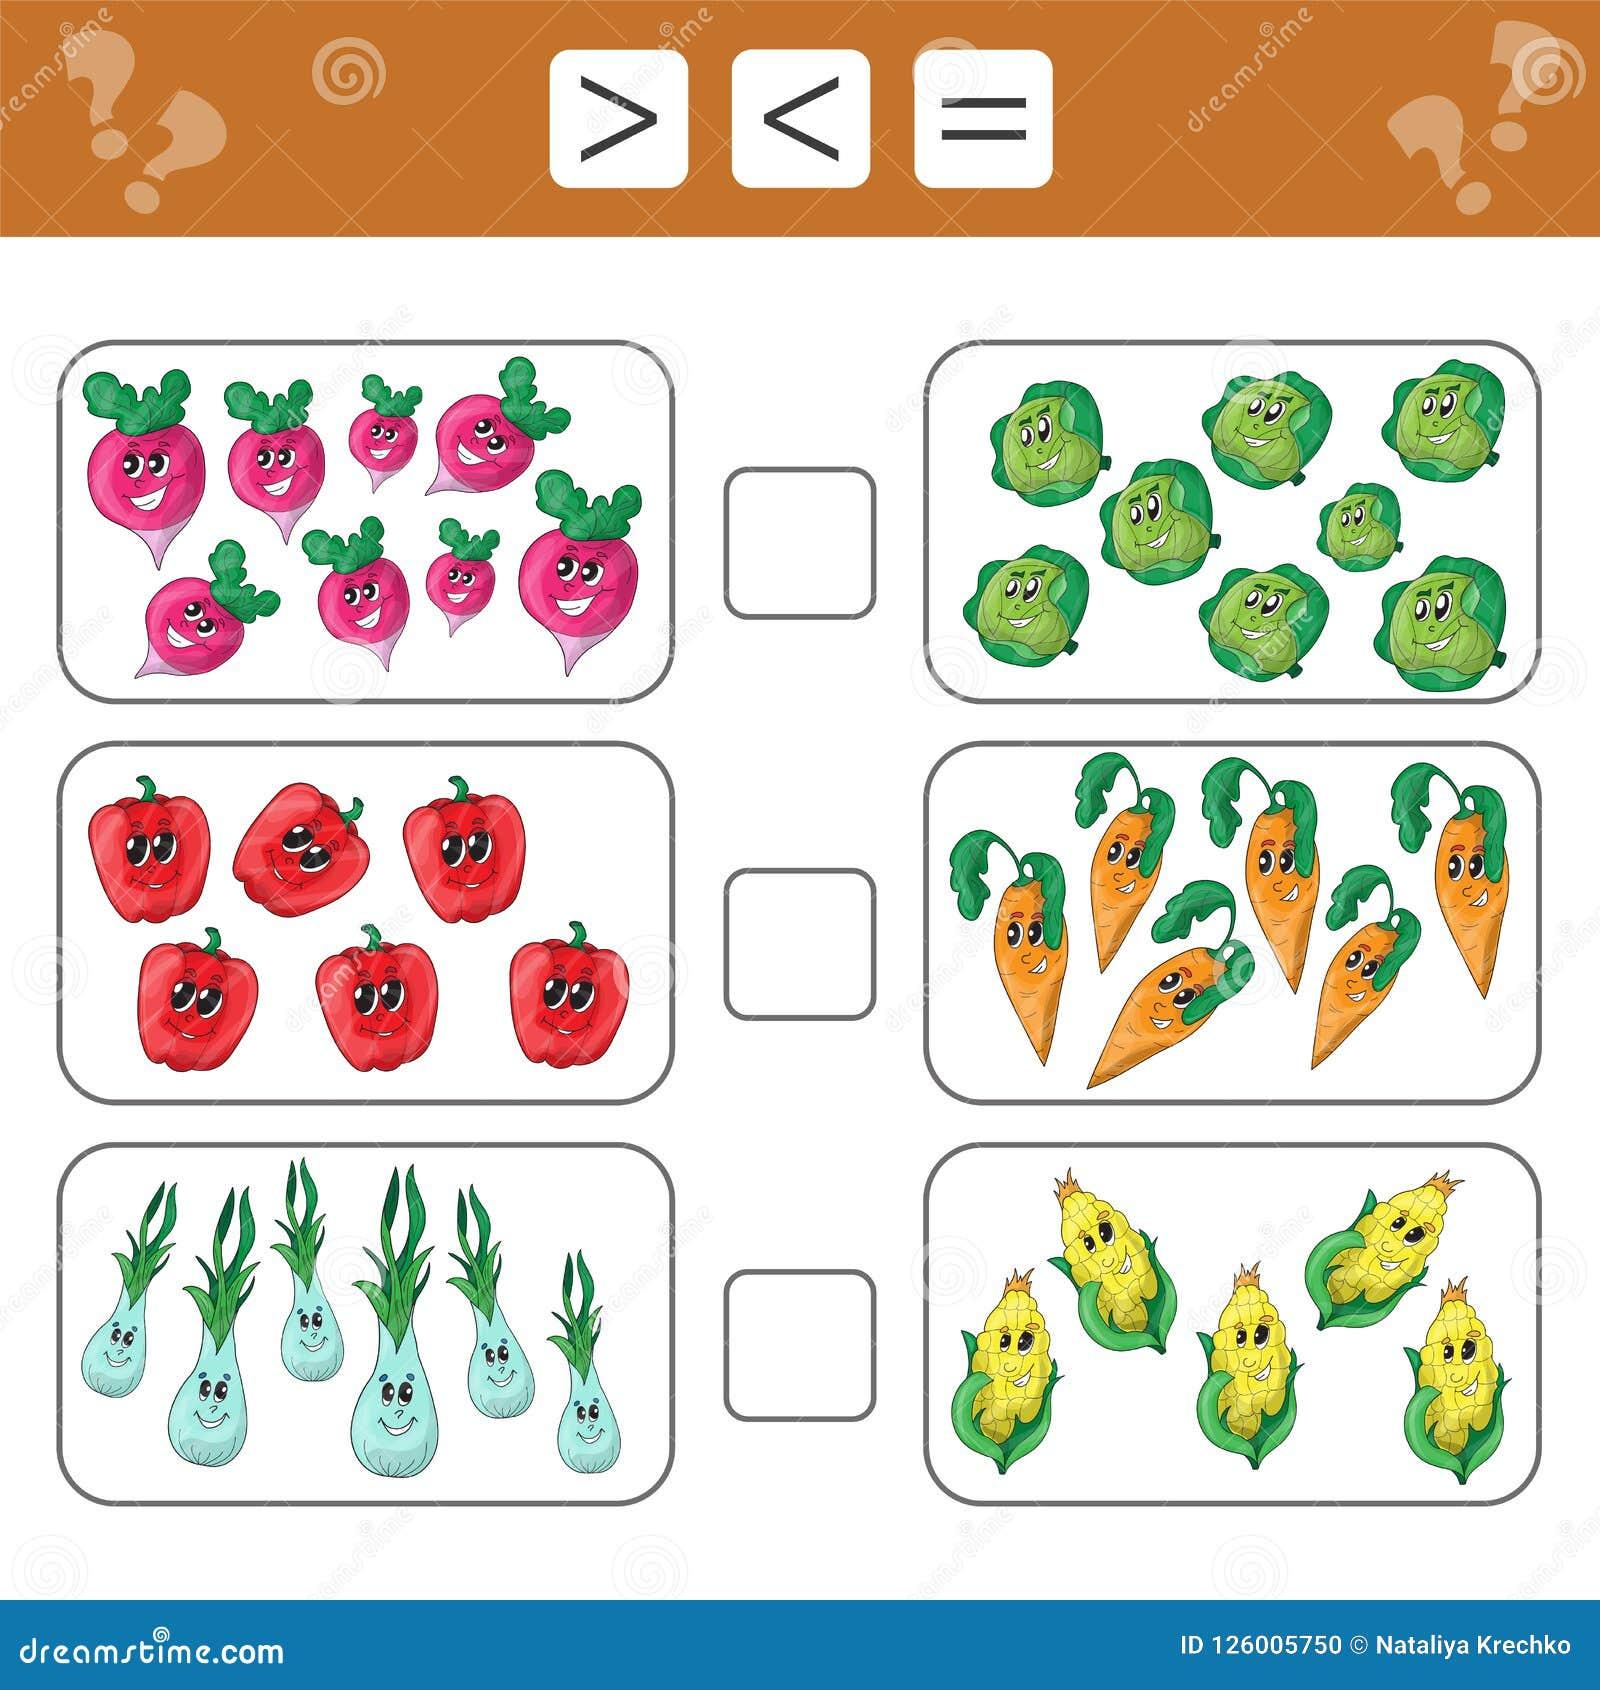 Aprendendo a matemática, números - escolha mais, menos ou igual Tarefas para crianças